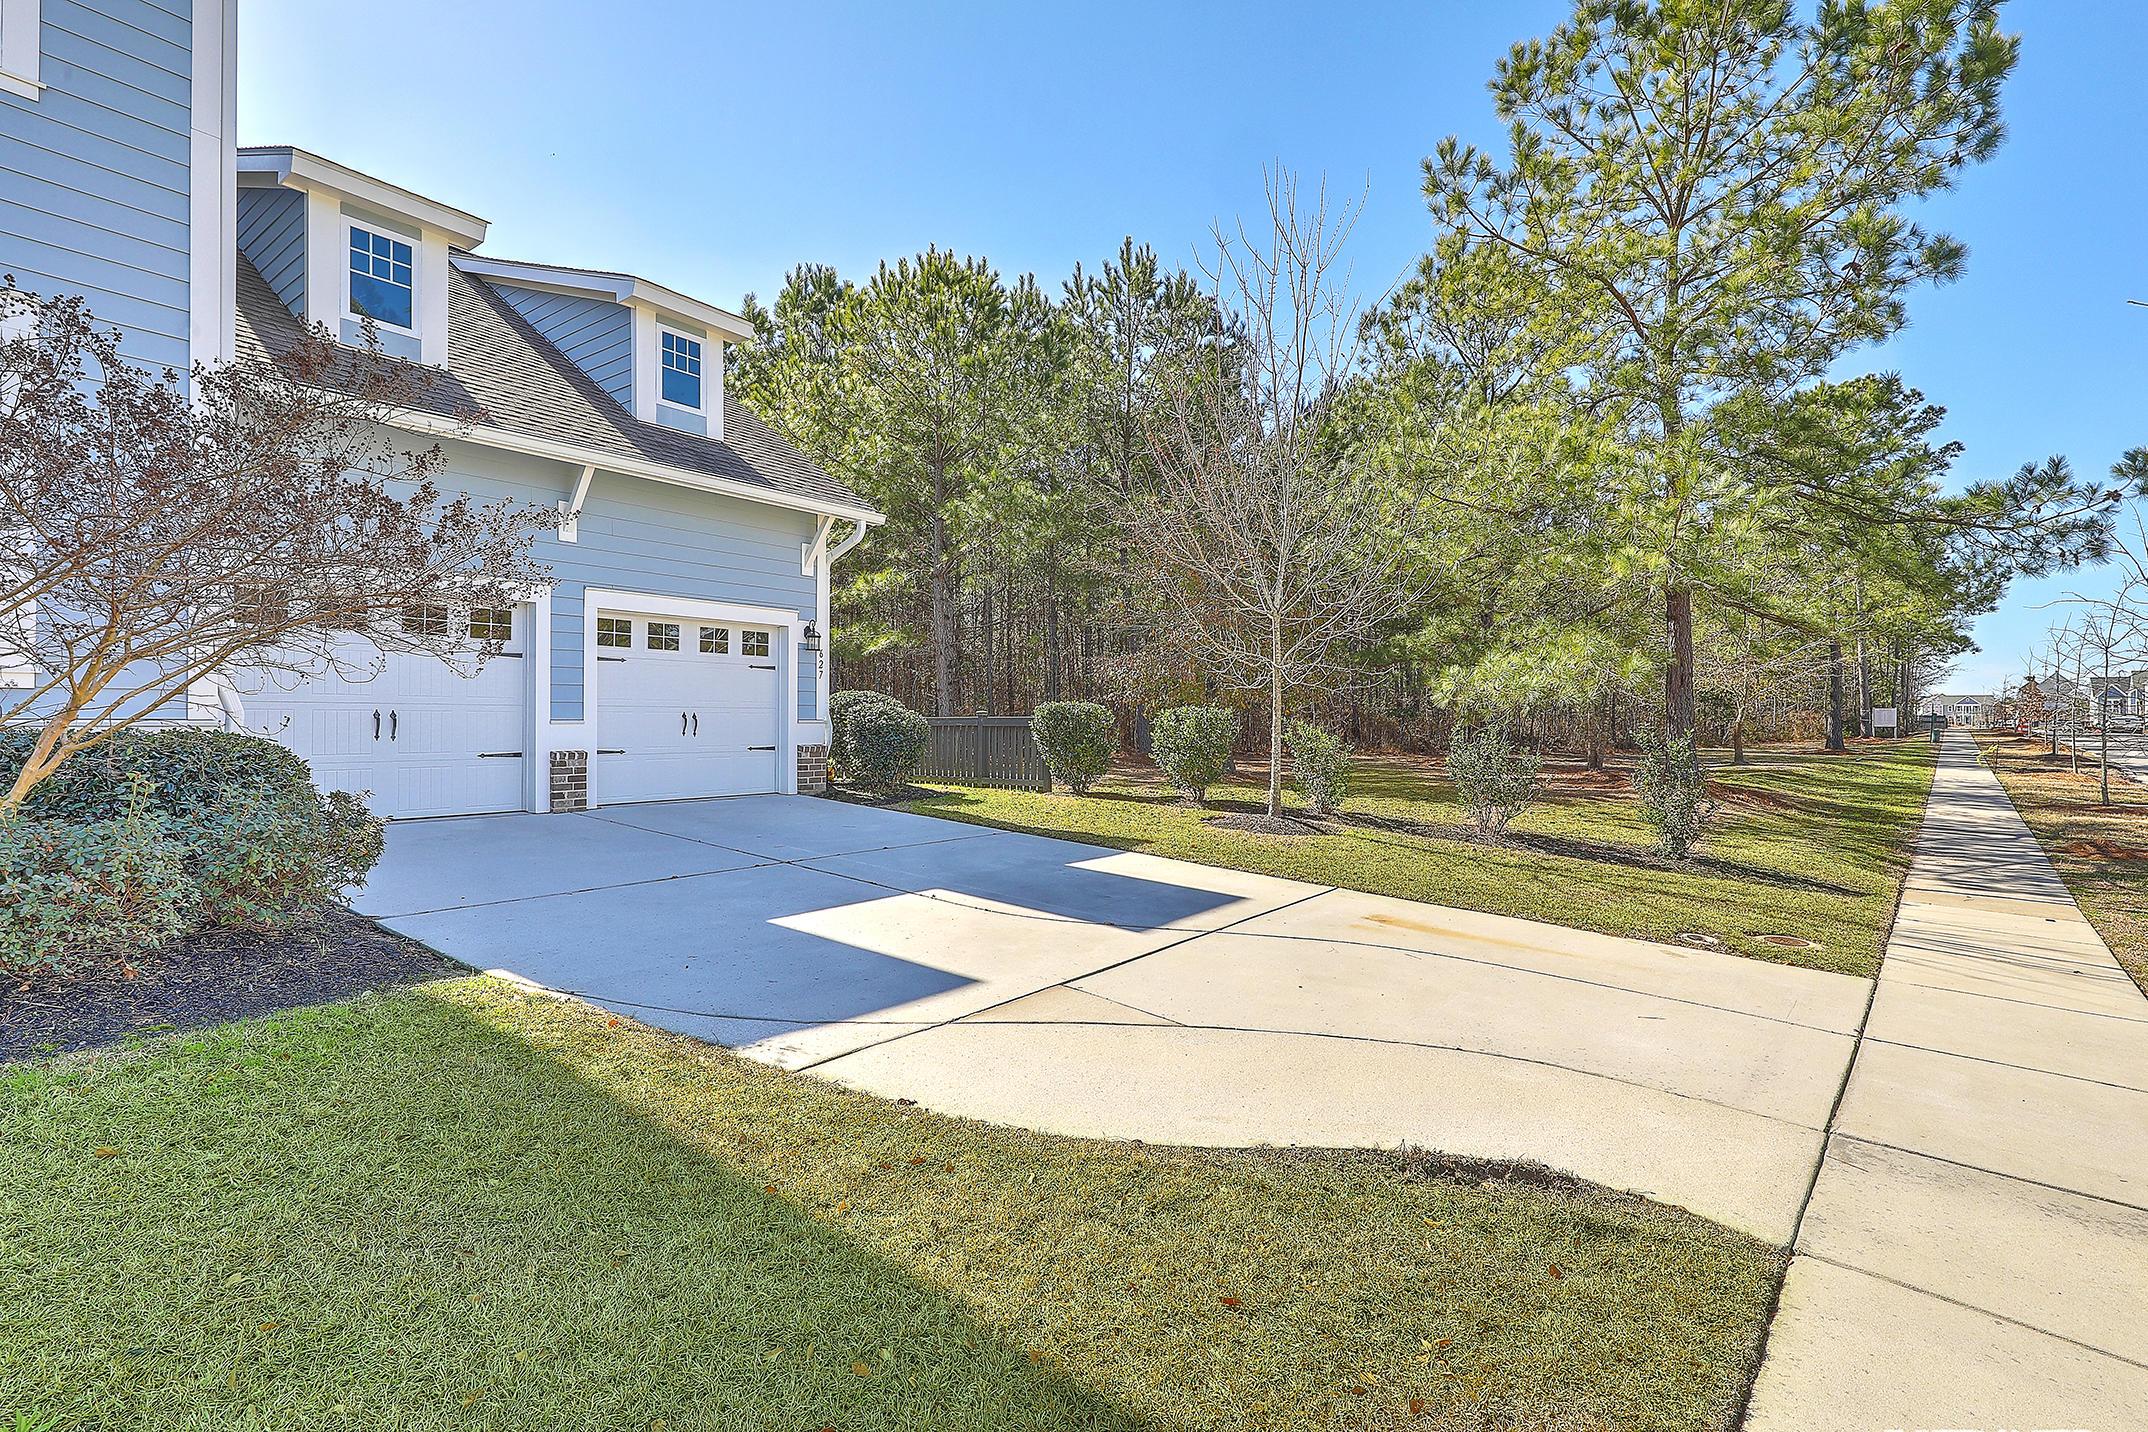 Carnes Crossroads Homes For Sale - 627 Van Buren, Summerville, SC - 4